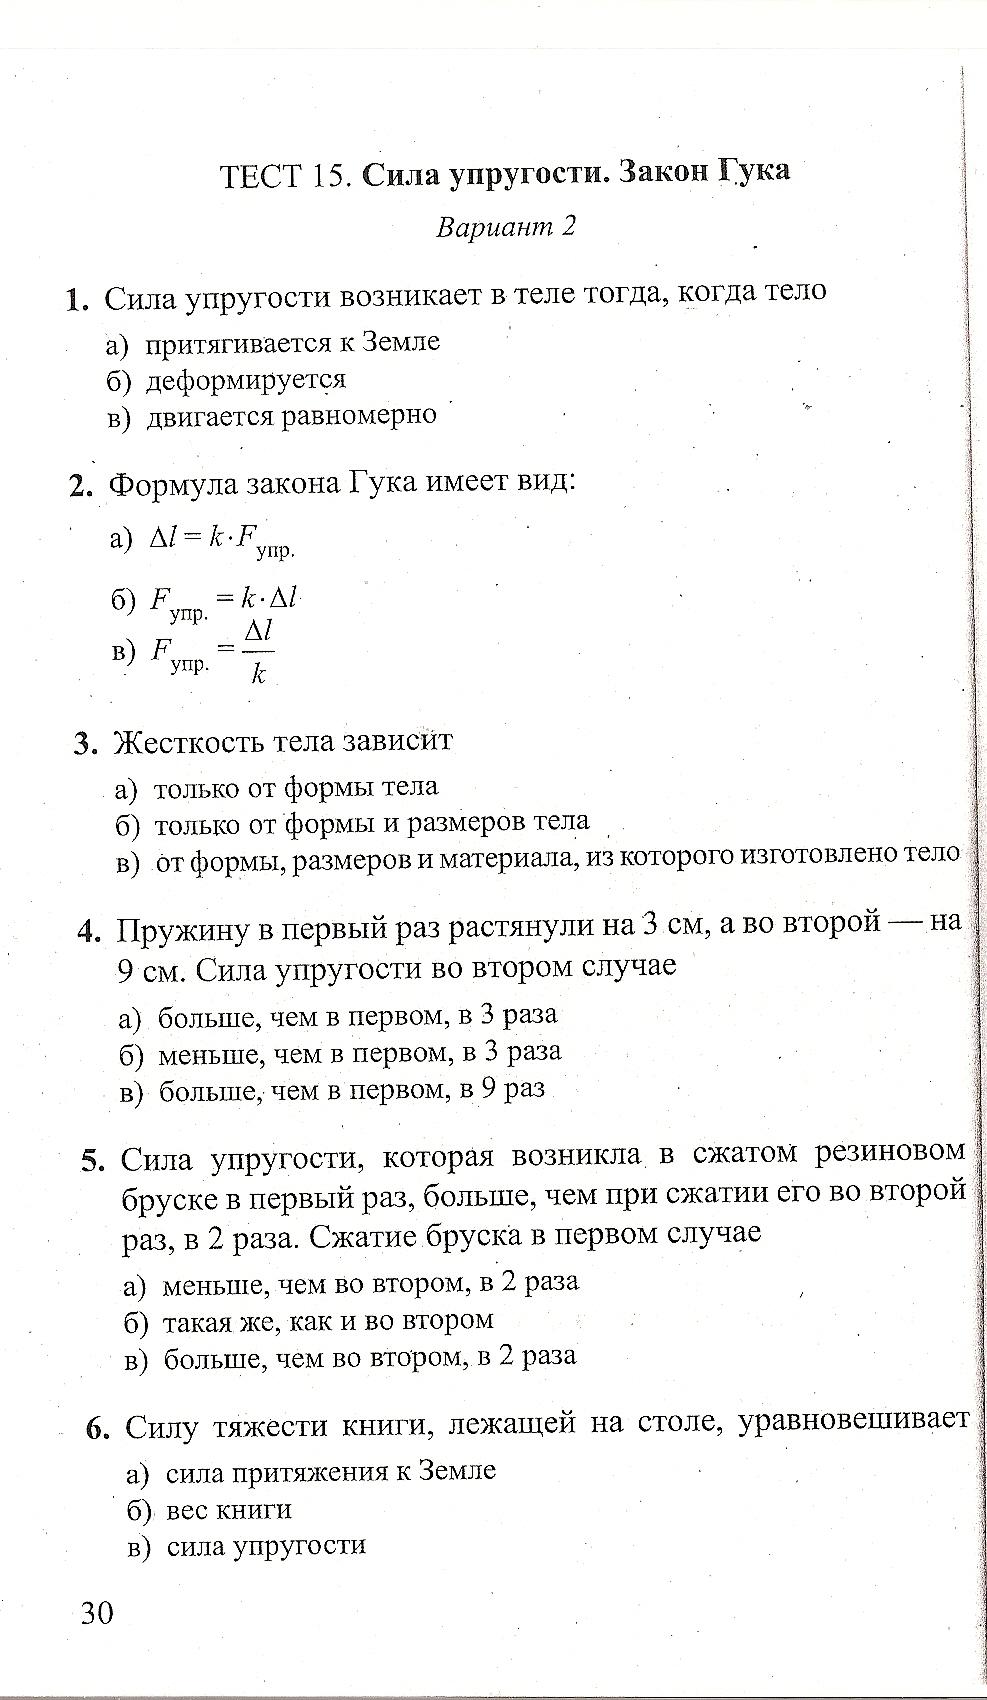 Гдз готовые тесты по физике 8 класс чеботарева